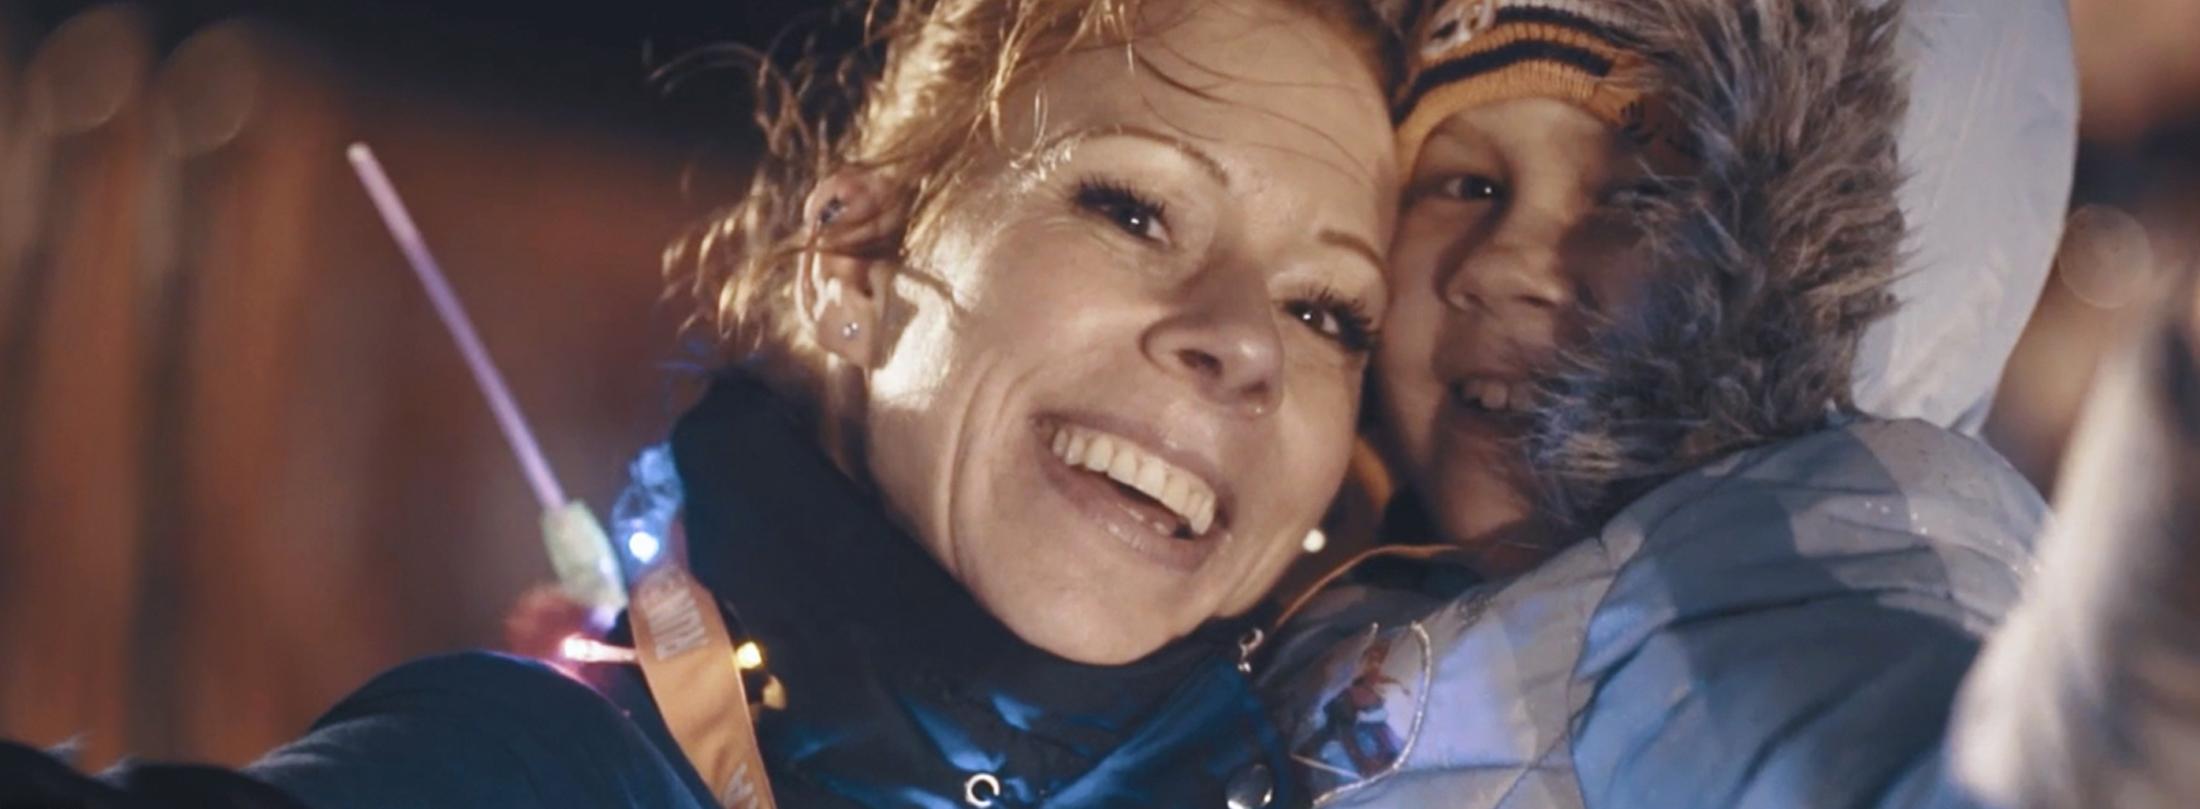 Moeder Danielle knuffelt haar dochter Julia, die ondanks haar kanker toch gaat hardlopen voor KiKa